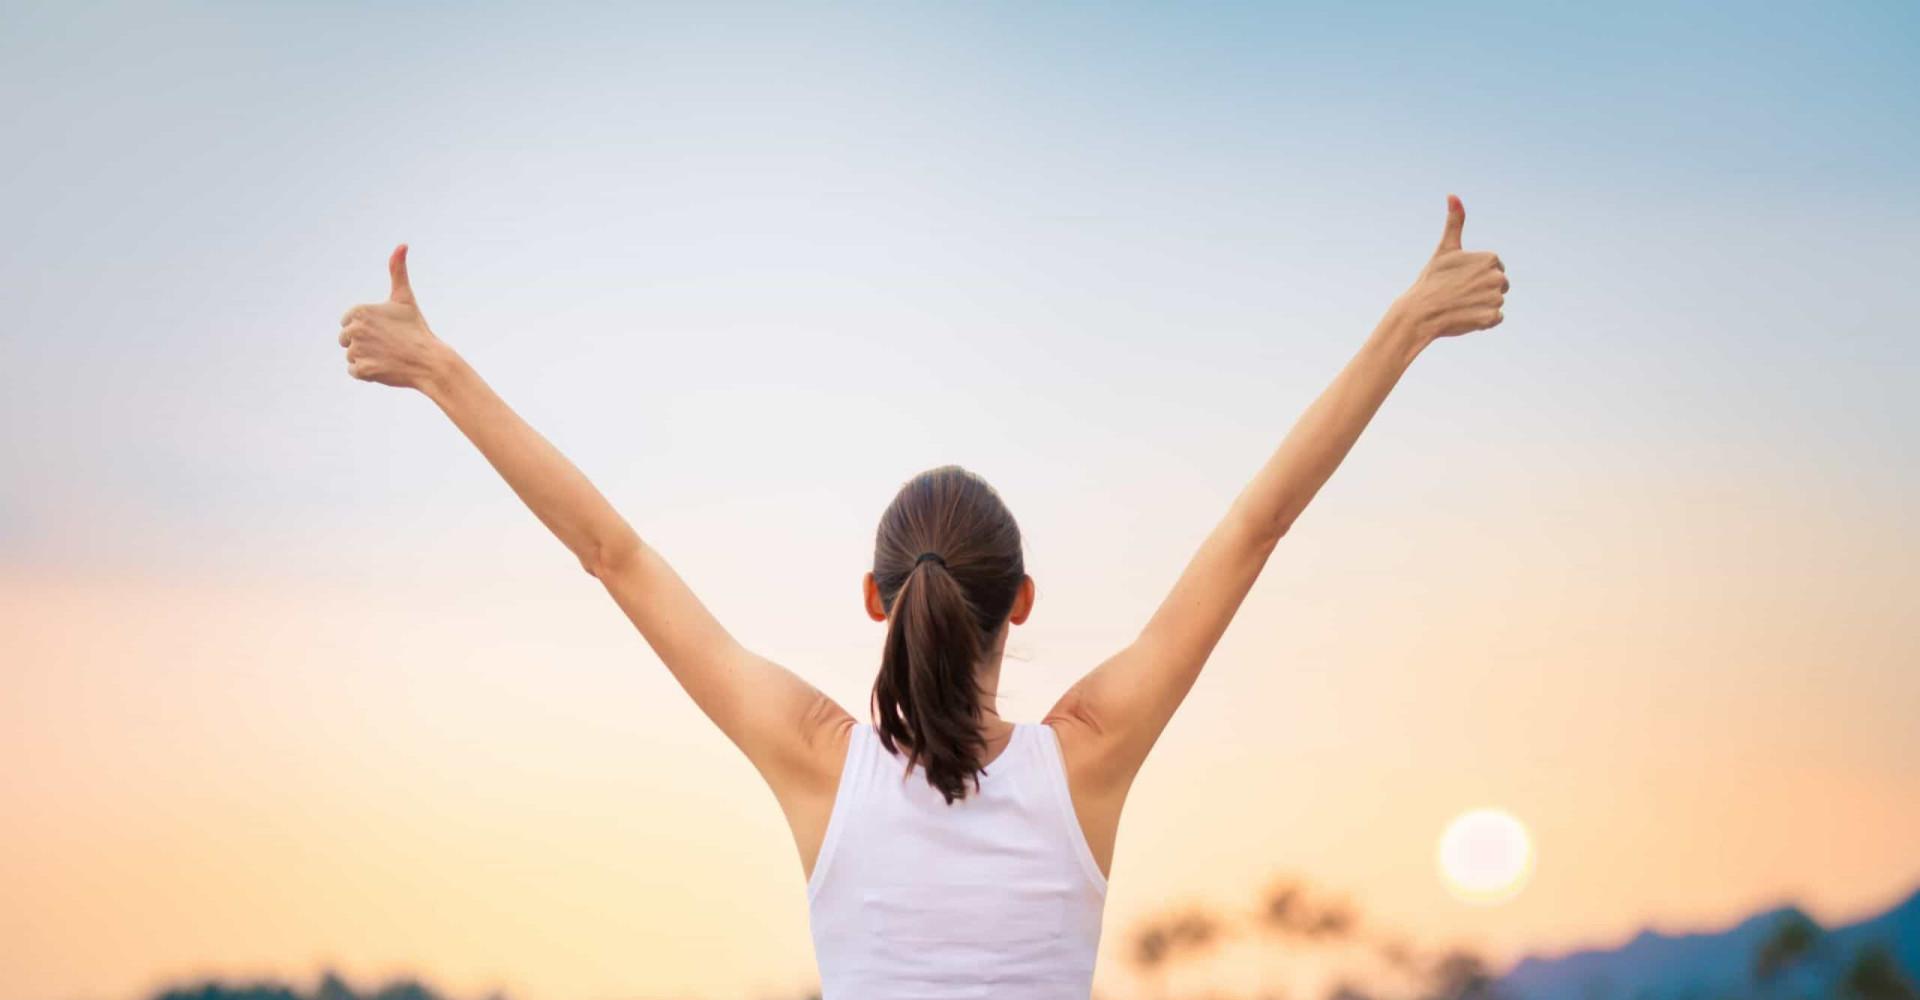 Disse 30-dages udfordringer vil forandre dit liv